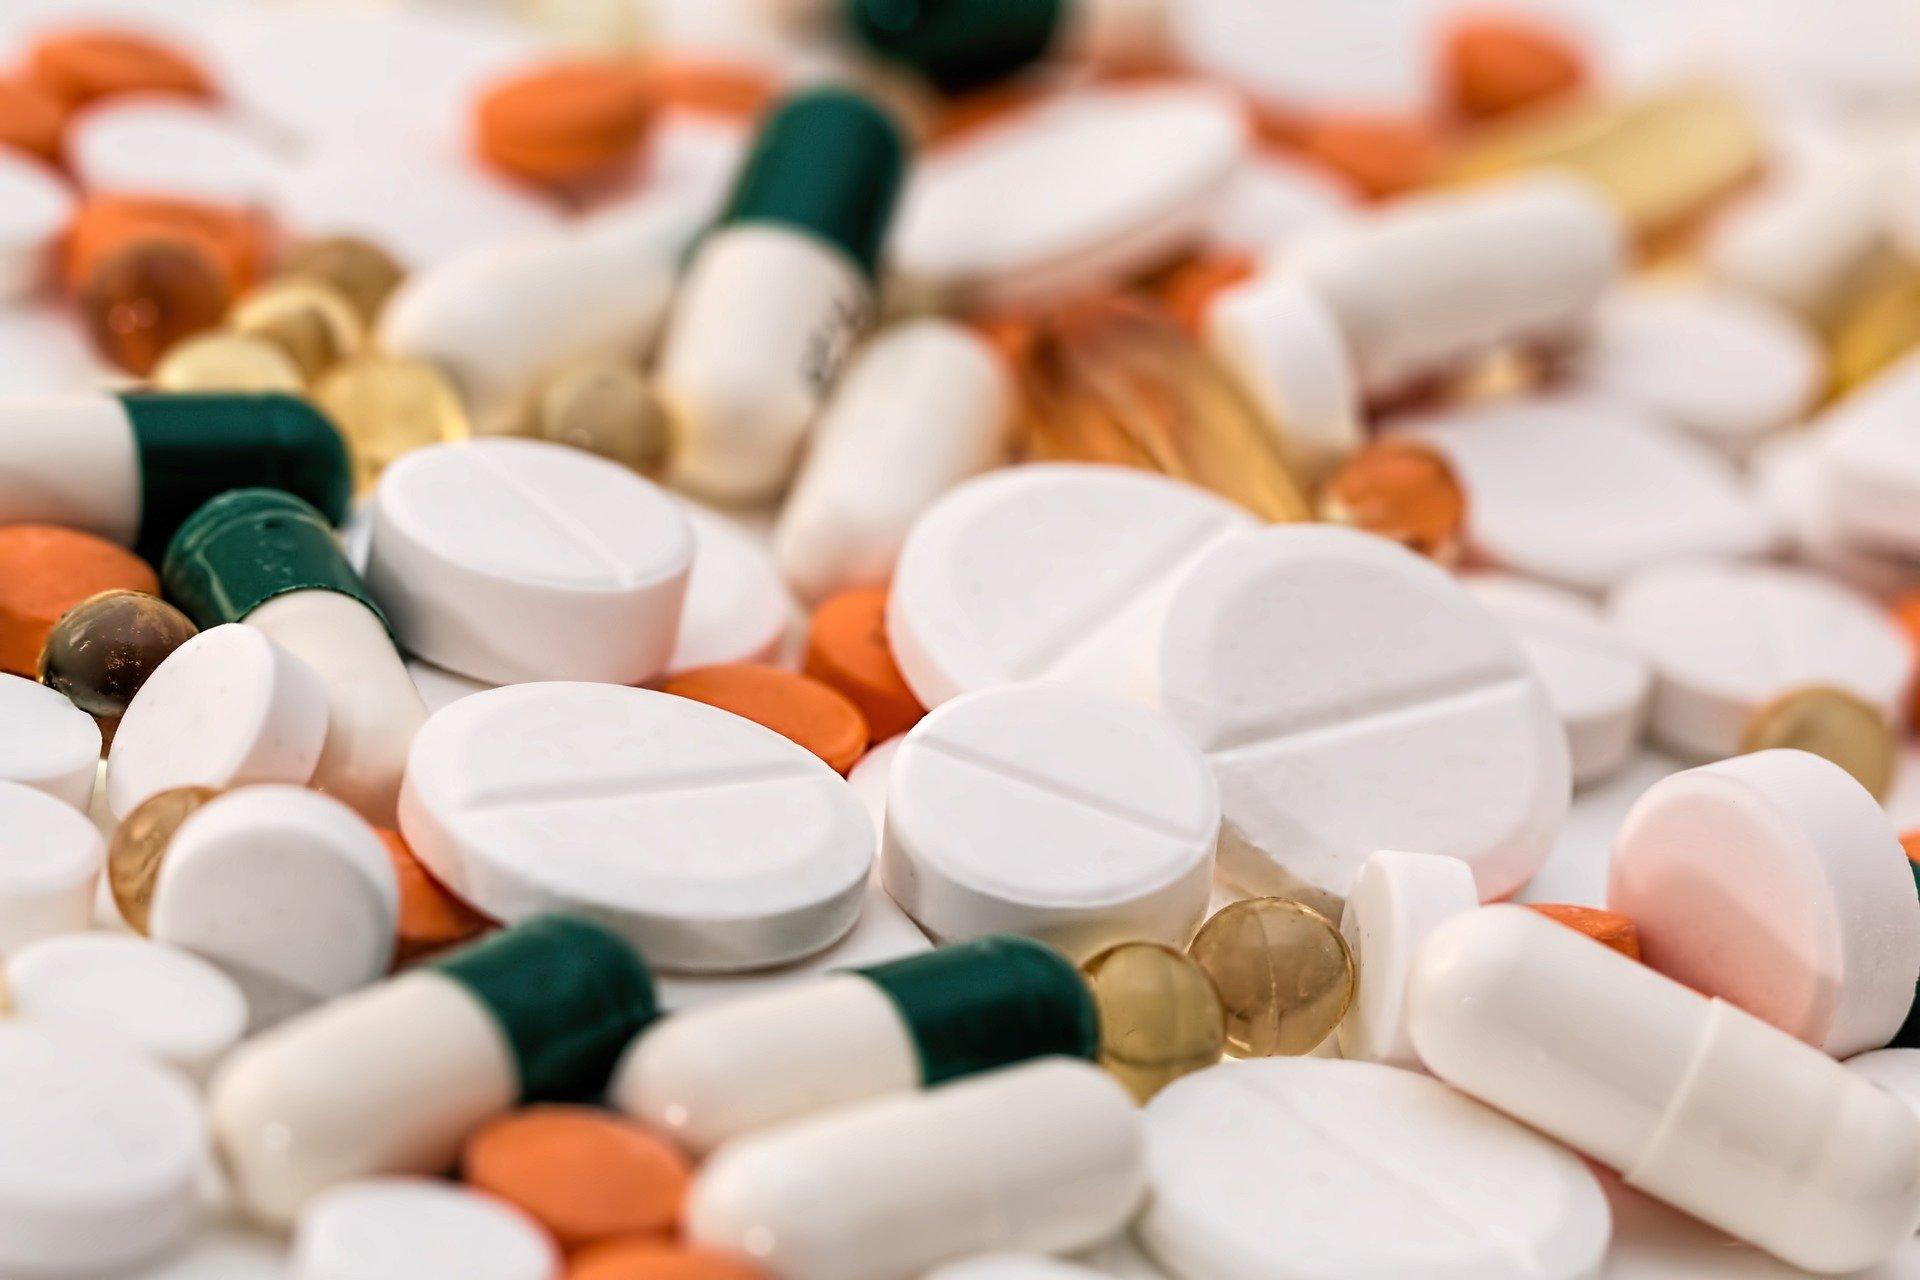 různé pilulky